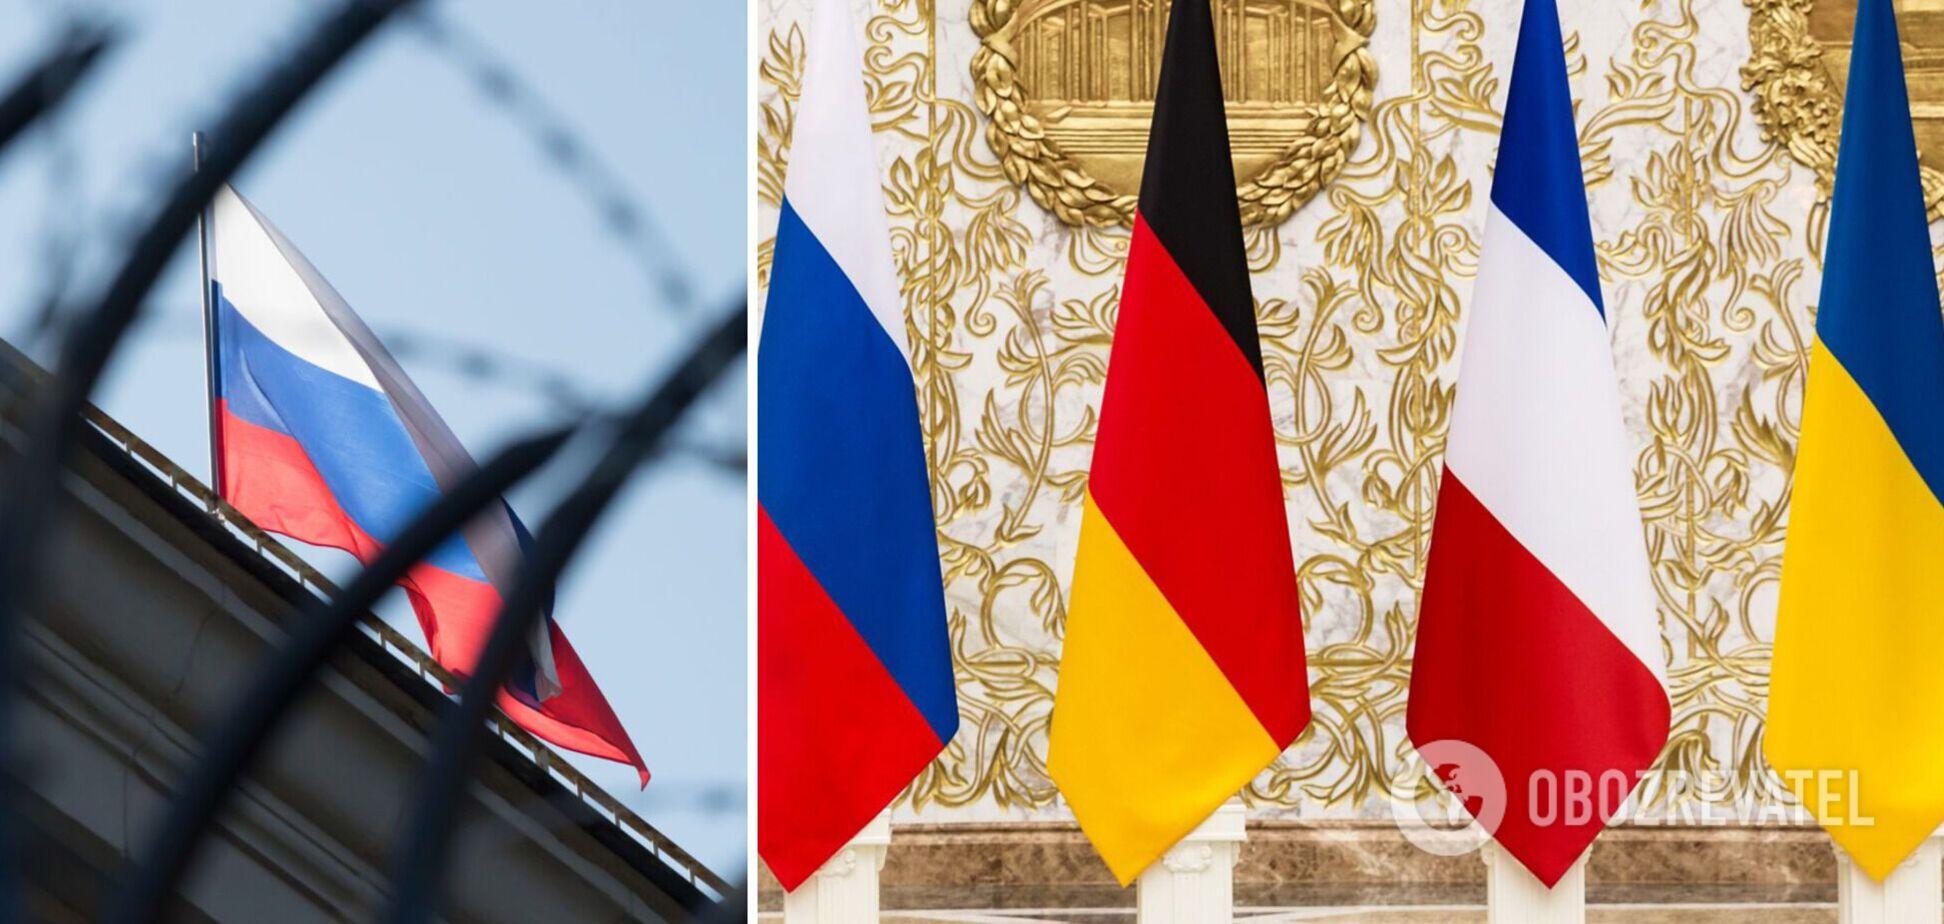 У Зеленського заявили, що Росія гальмує переговори щодо Донбасу